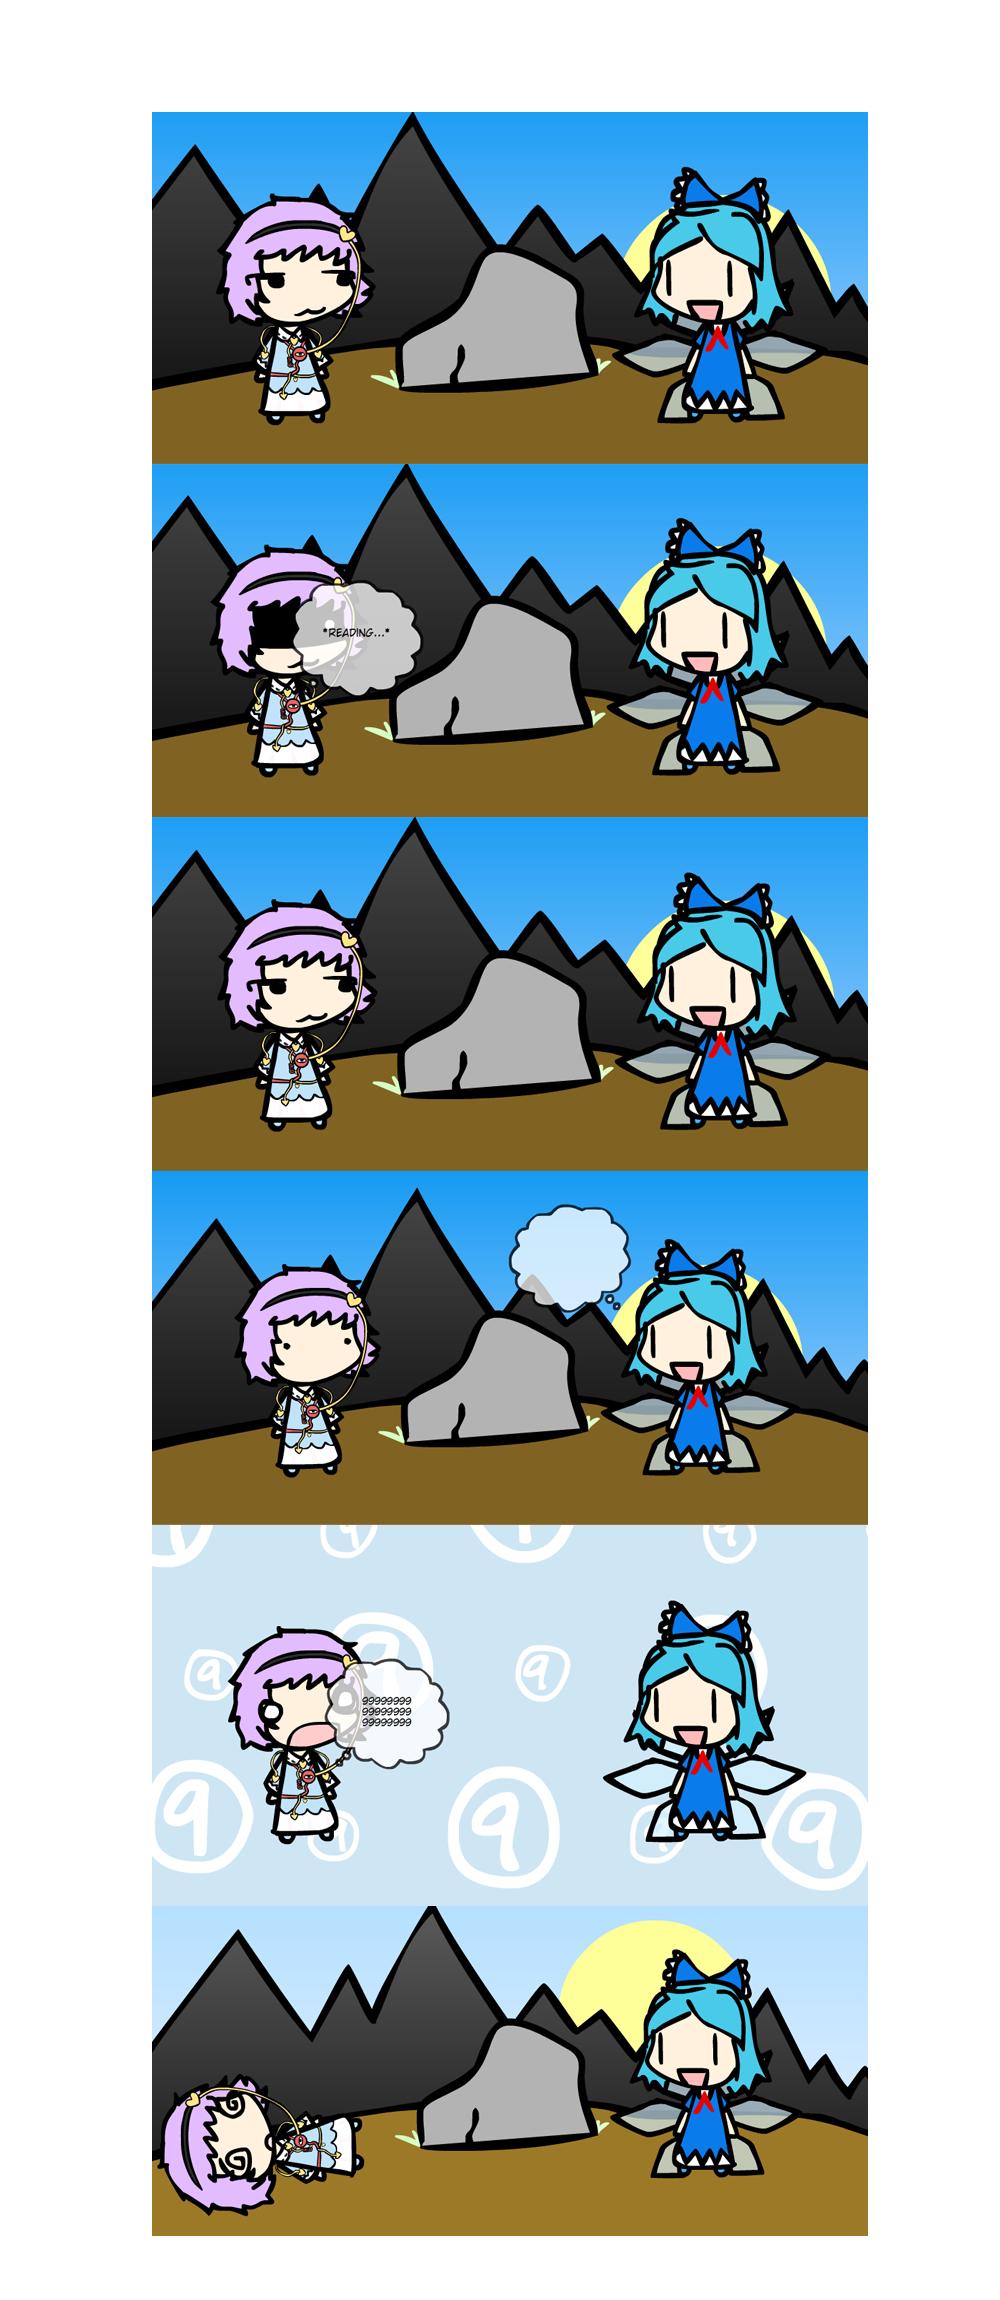 Touhou dating sim